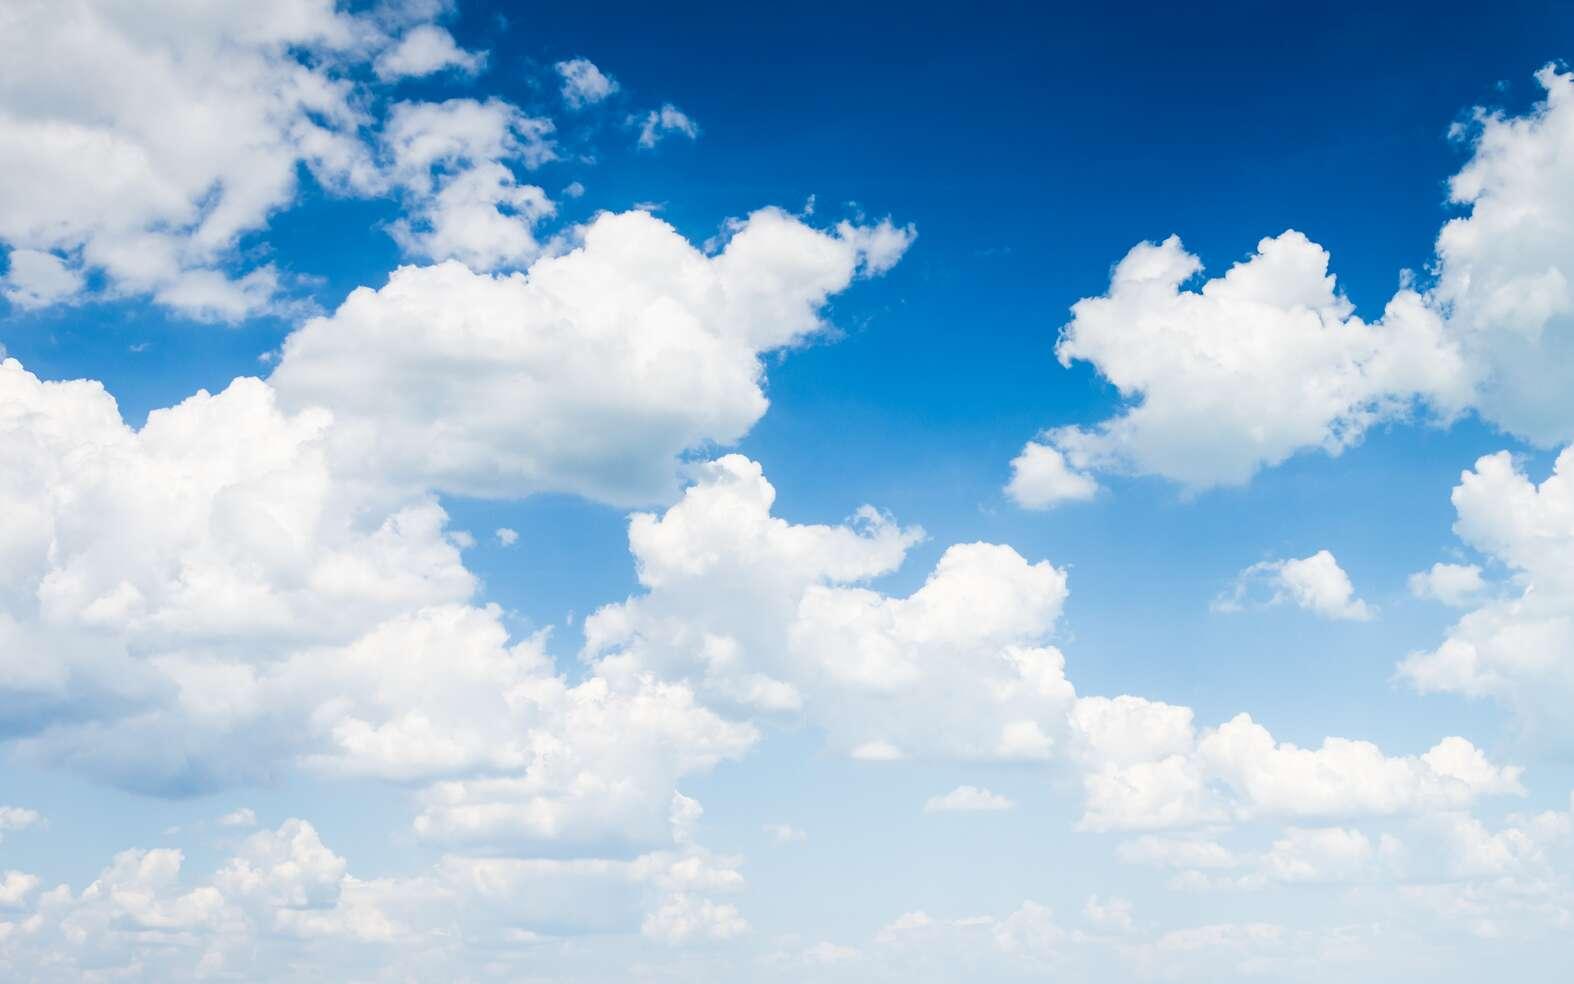 Tous les nuages n'annoncent pas forcément la pluie. © klagyivik, Fotolia